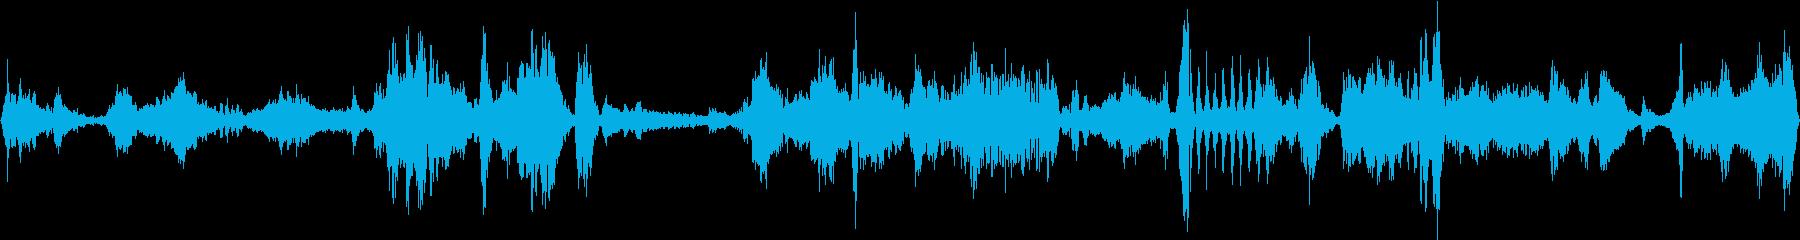 銀河間空気輸送システム:フラッシン...の再生済みの波形